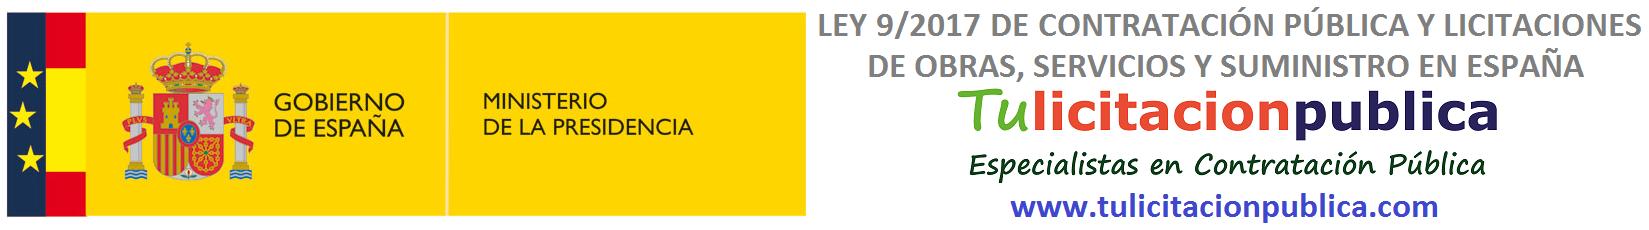 LEY 9/2017 DE CONTRATACIÓN PÚBLICA Y LICITACIONES DE OBRAS, SERVICIOS Y SUMINISTRO EN ESPAÑA